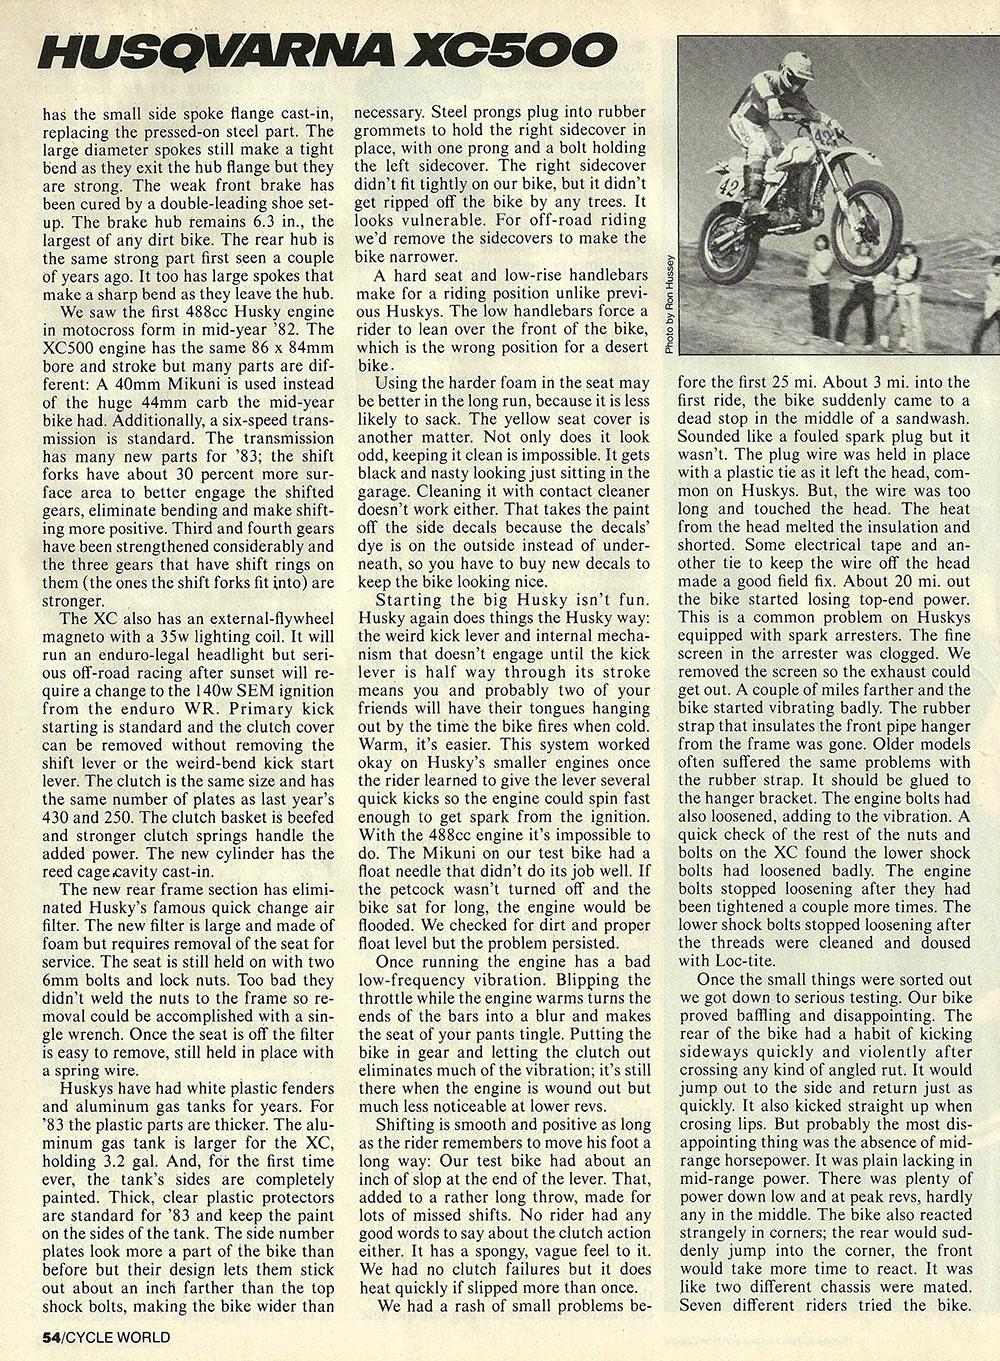 1983 Husqvarna XC500 road test 03.jpg